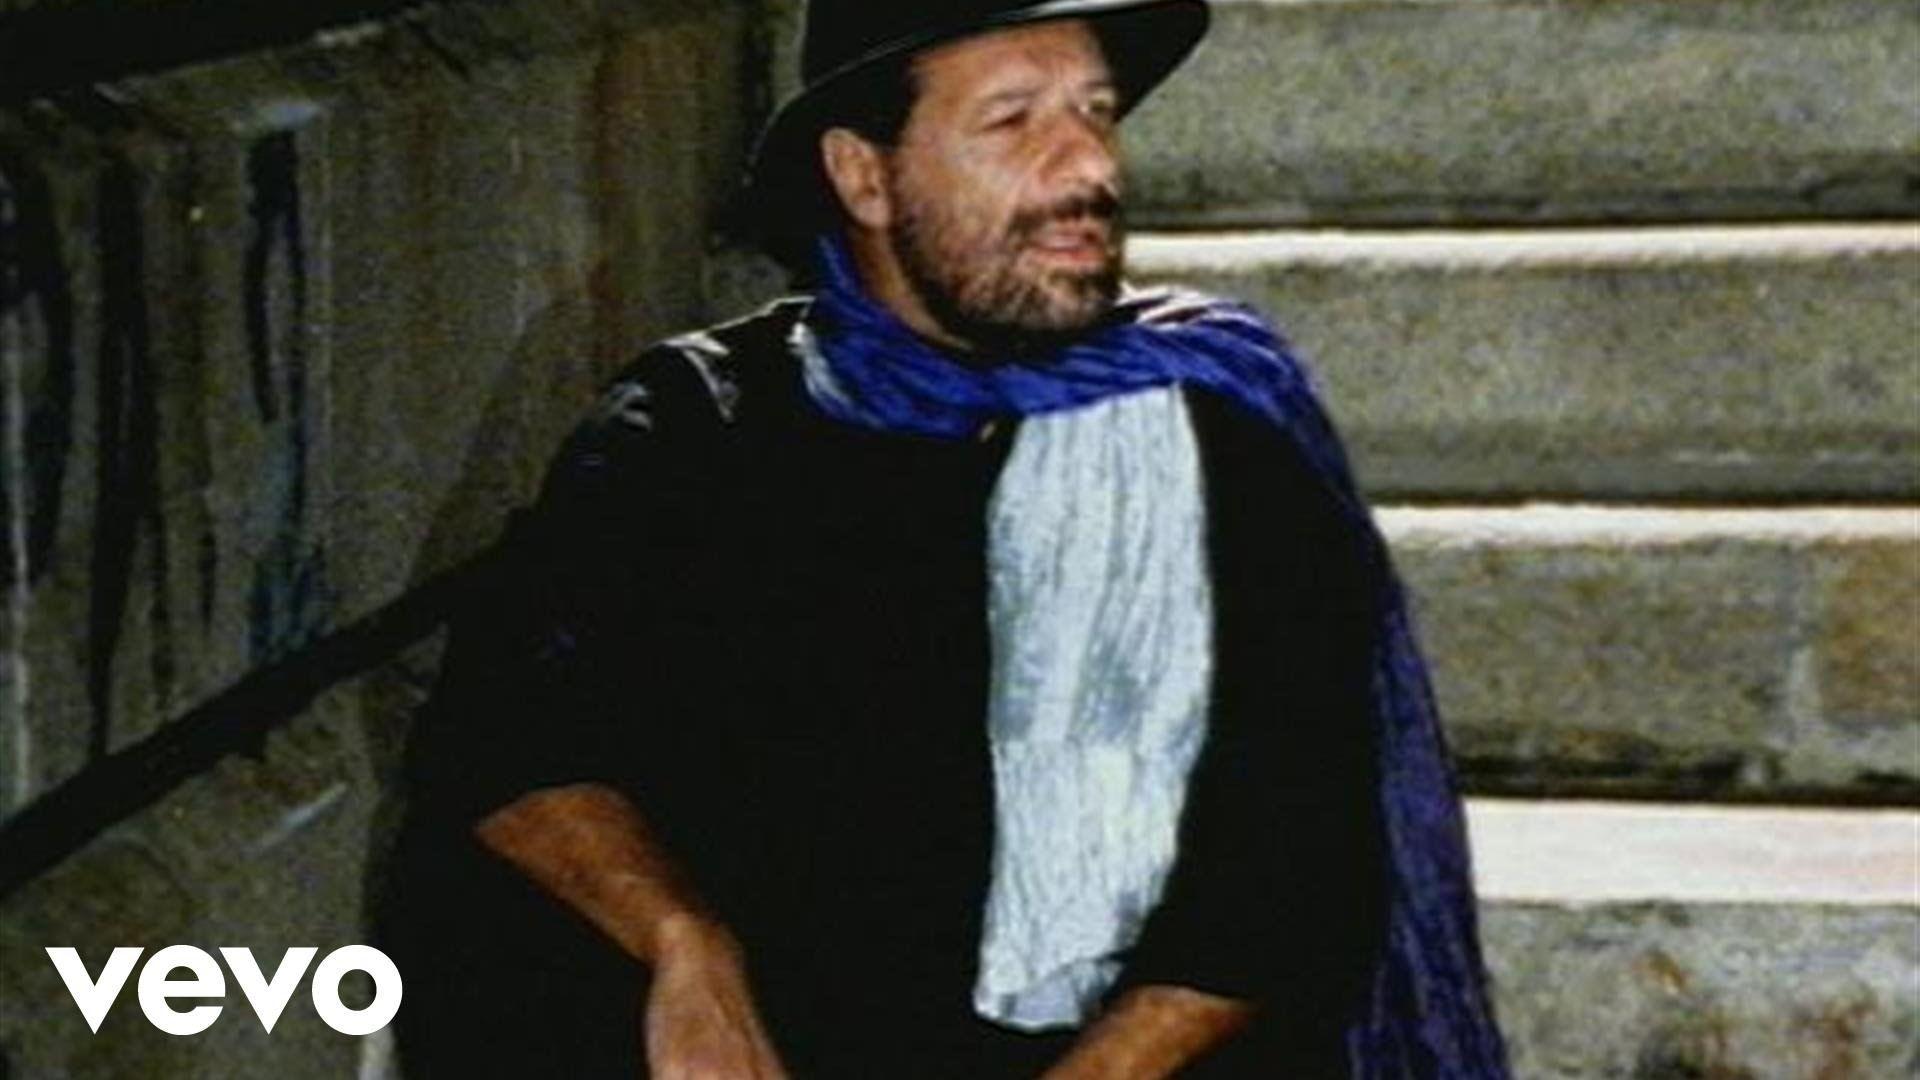 João Bosco - Enquanto Espero